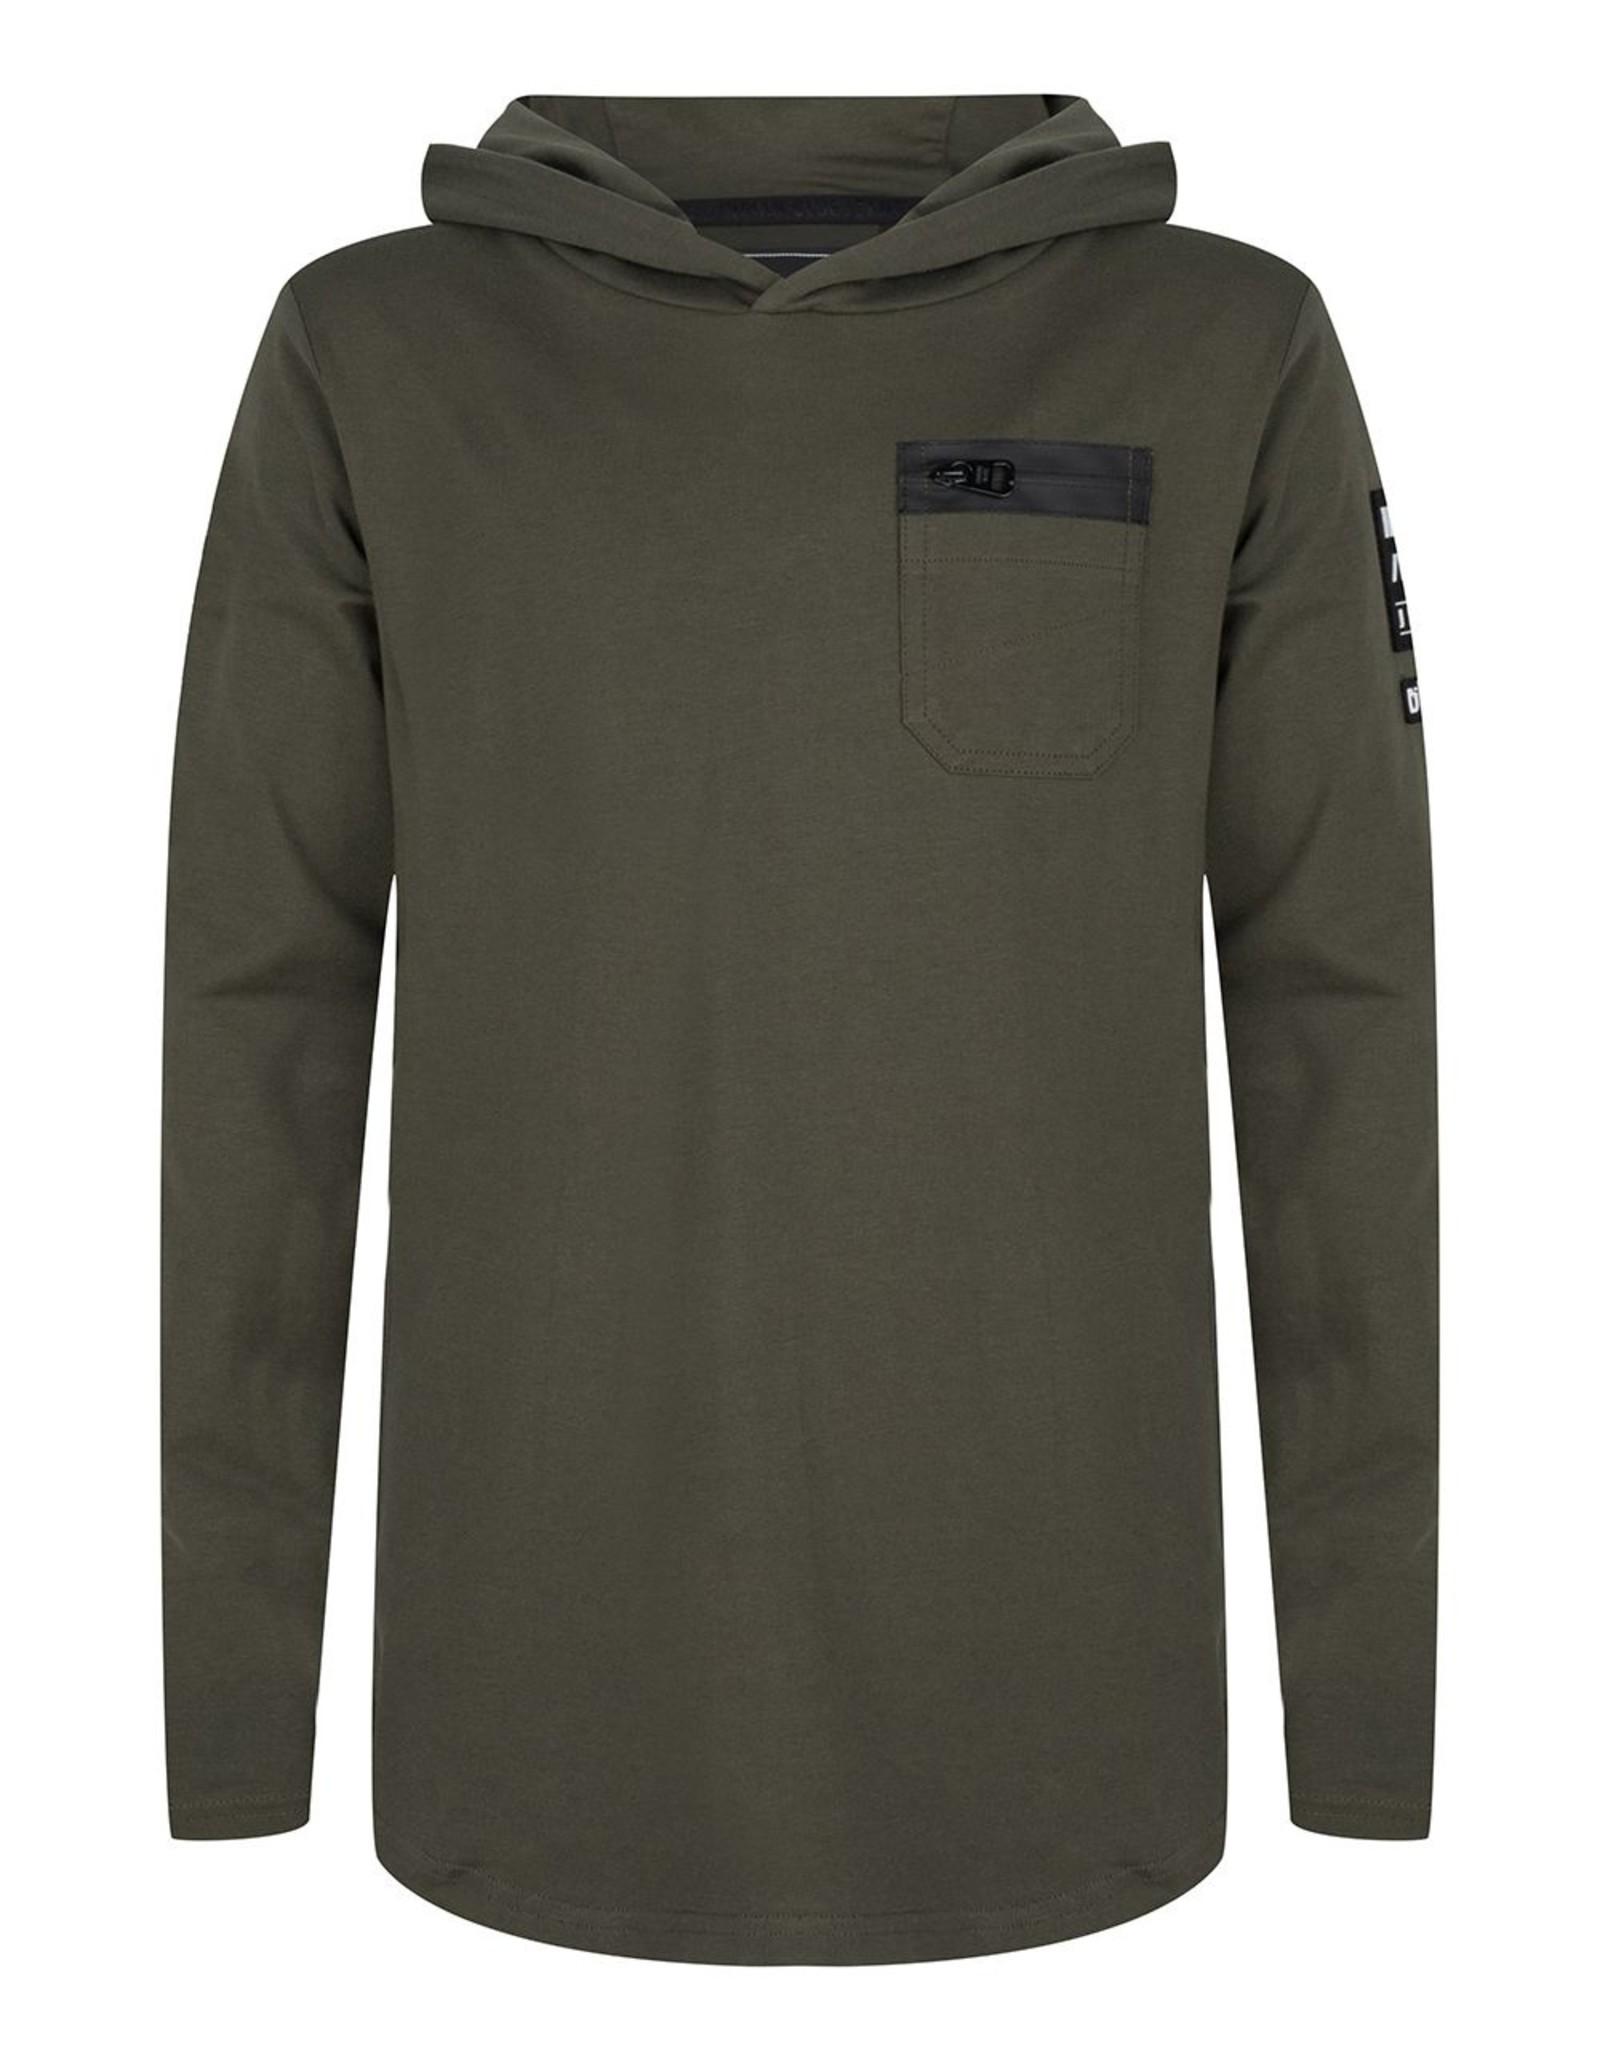 Indian Blue Jeans IBJ hoodie dark army green